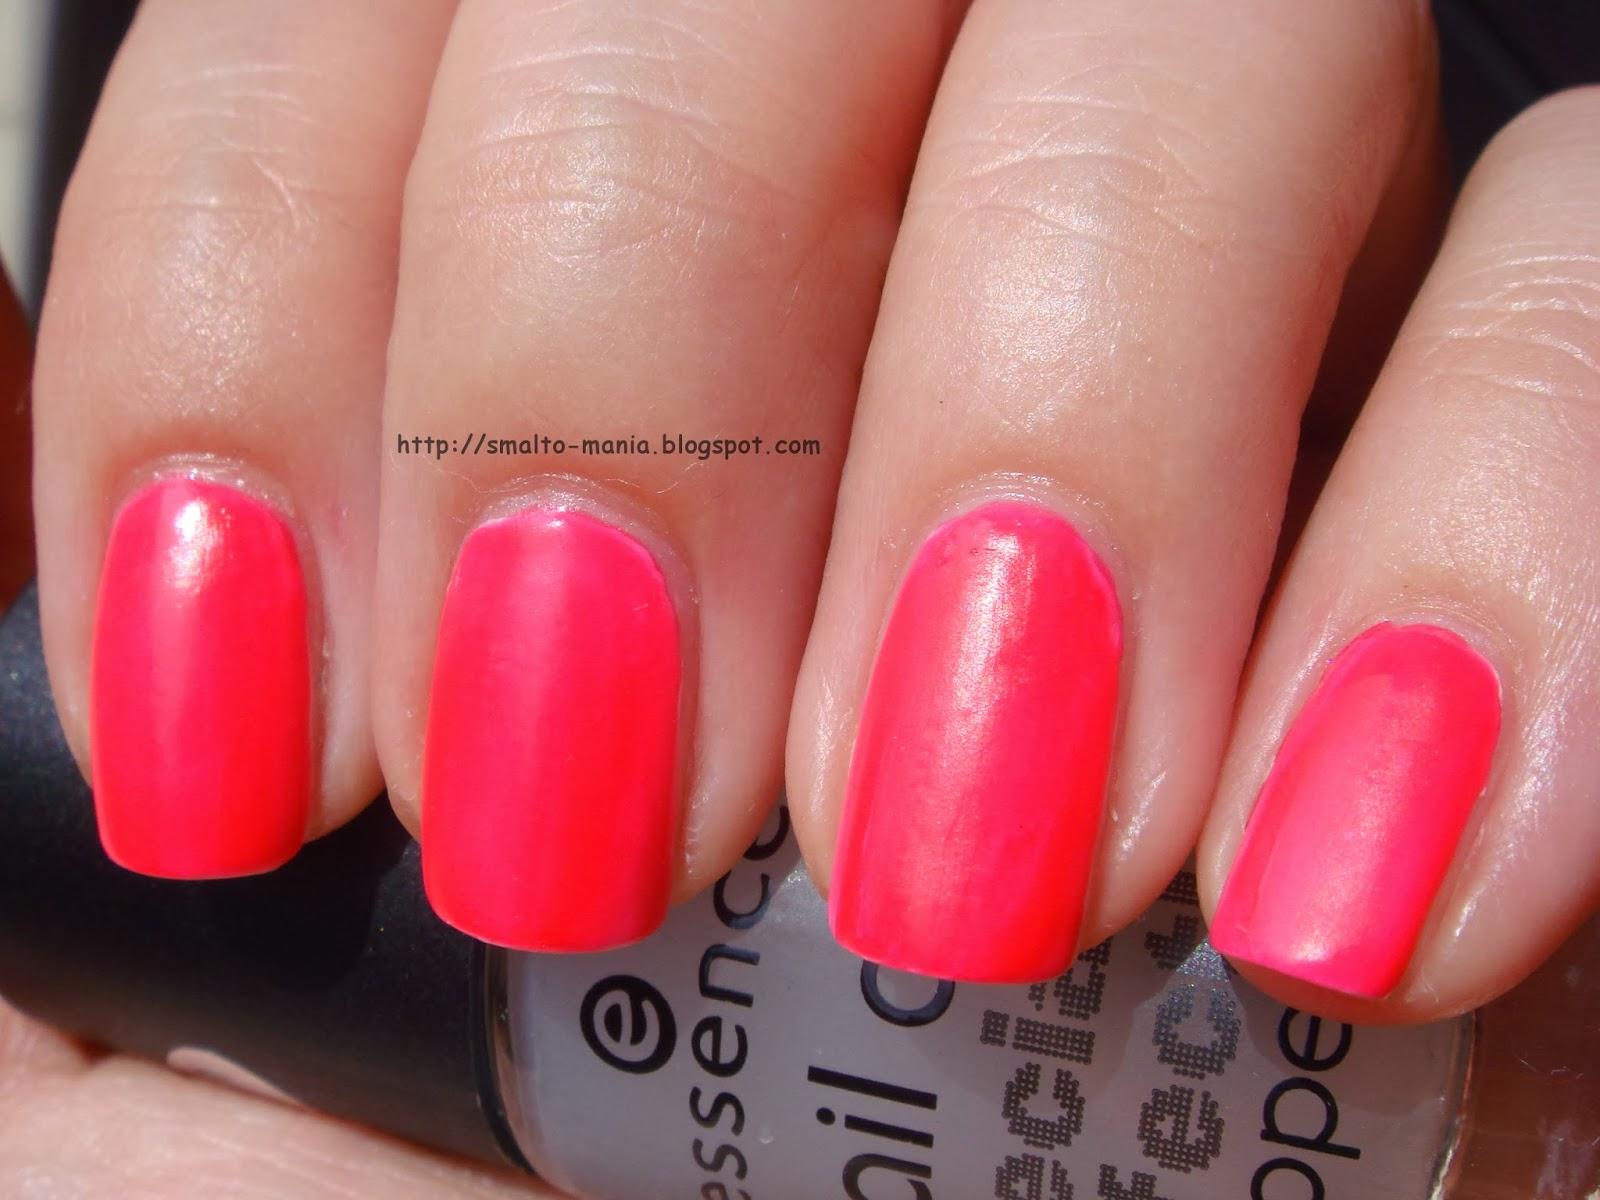 L'Oreal n.826 Flamingo Pink